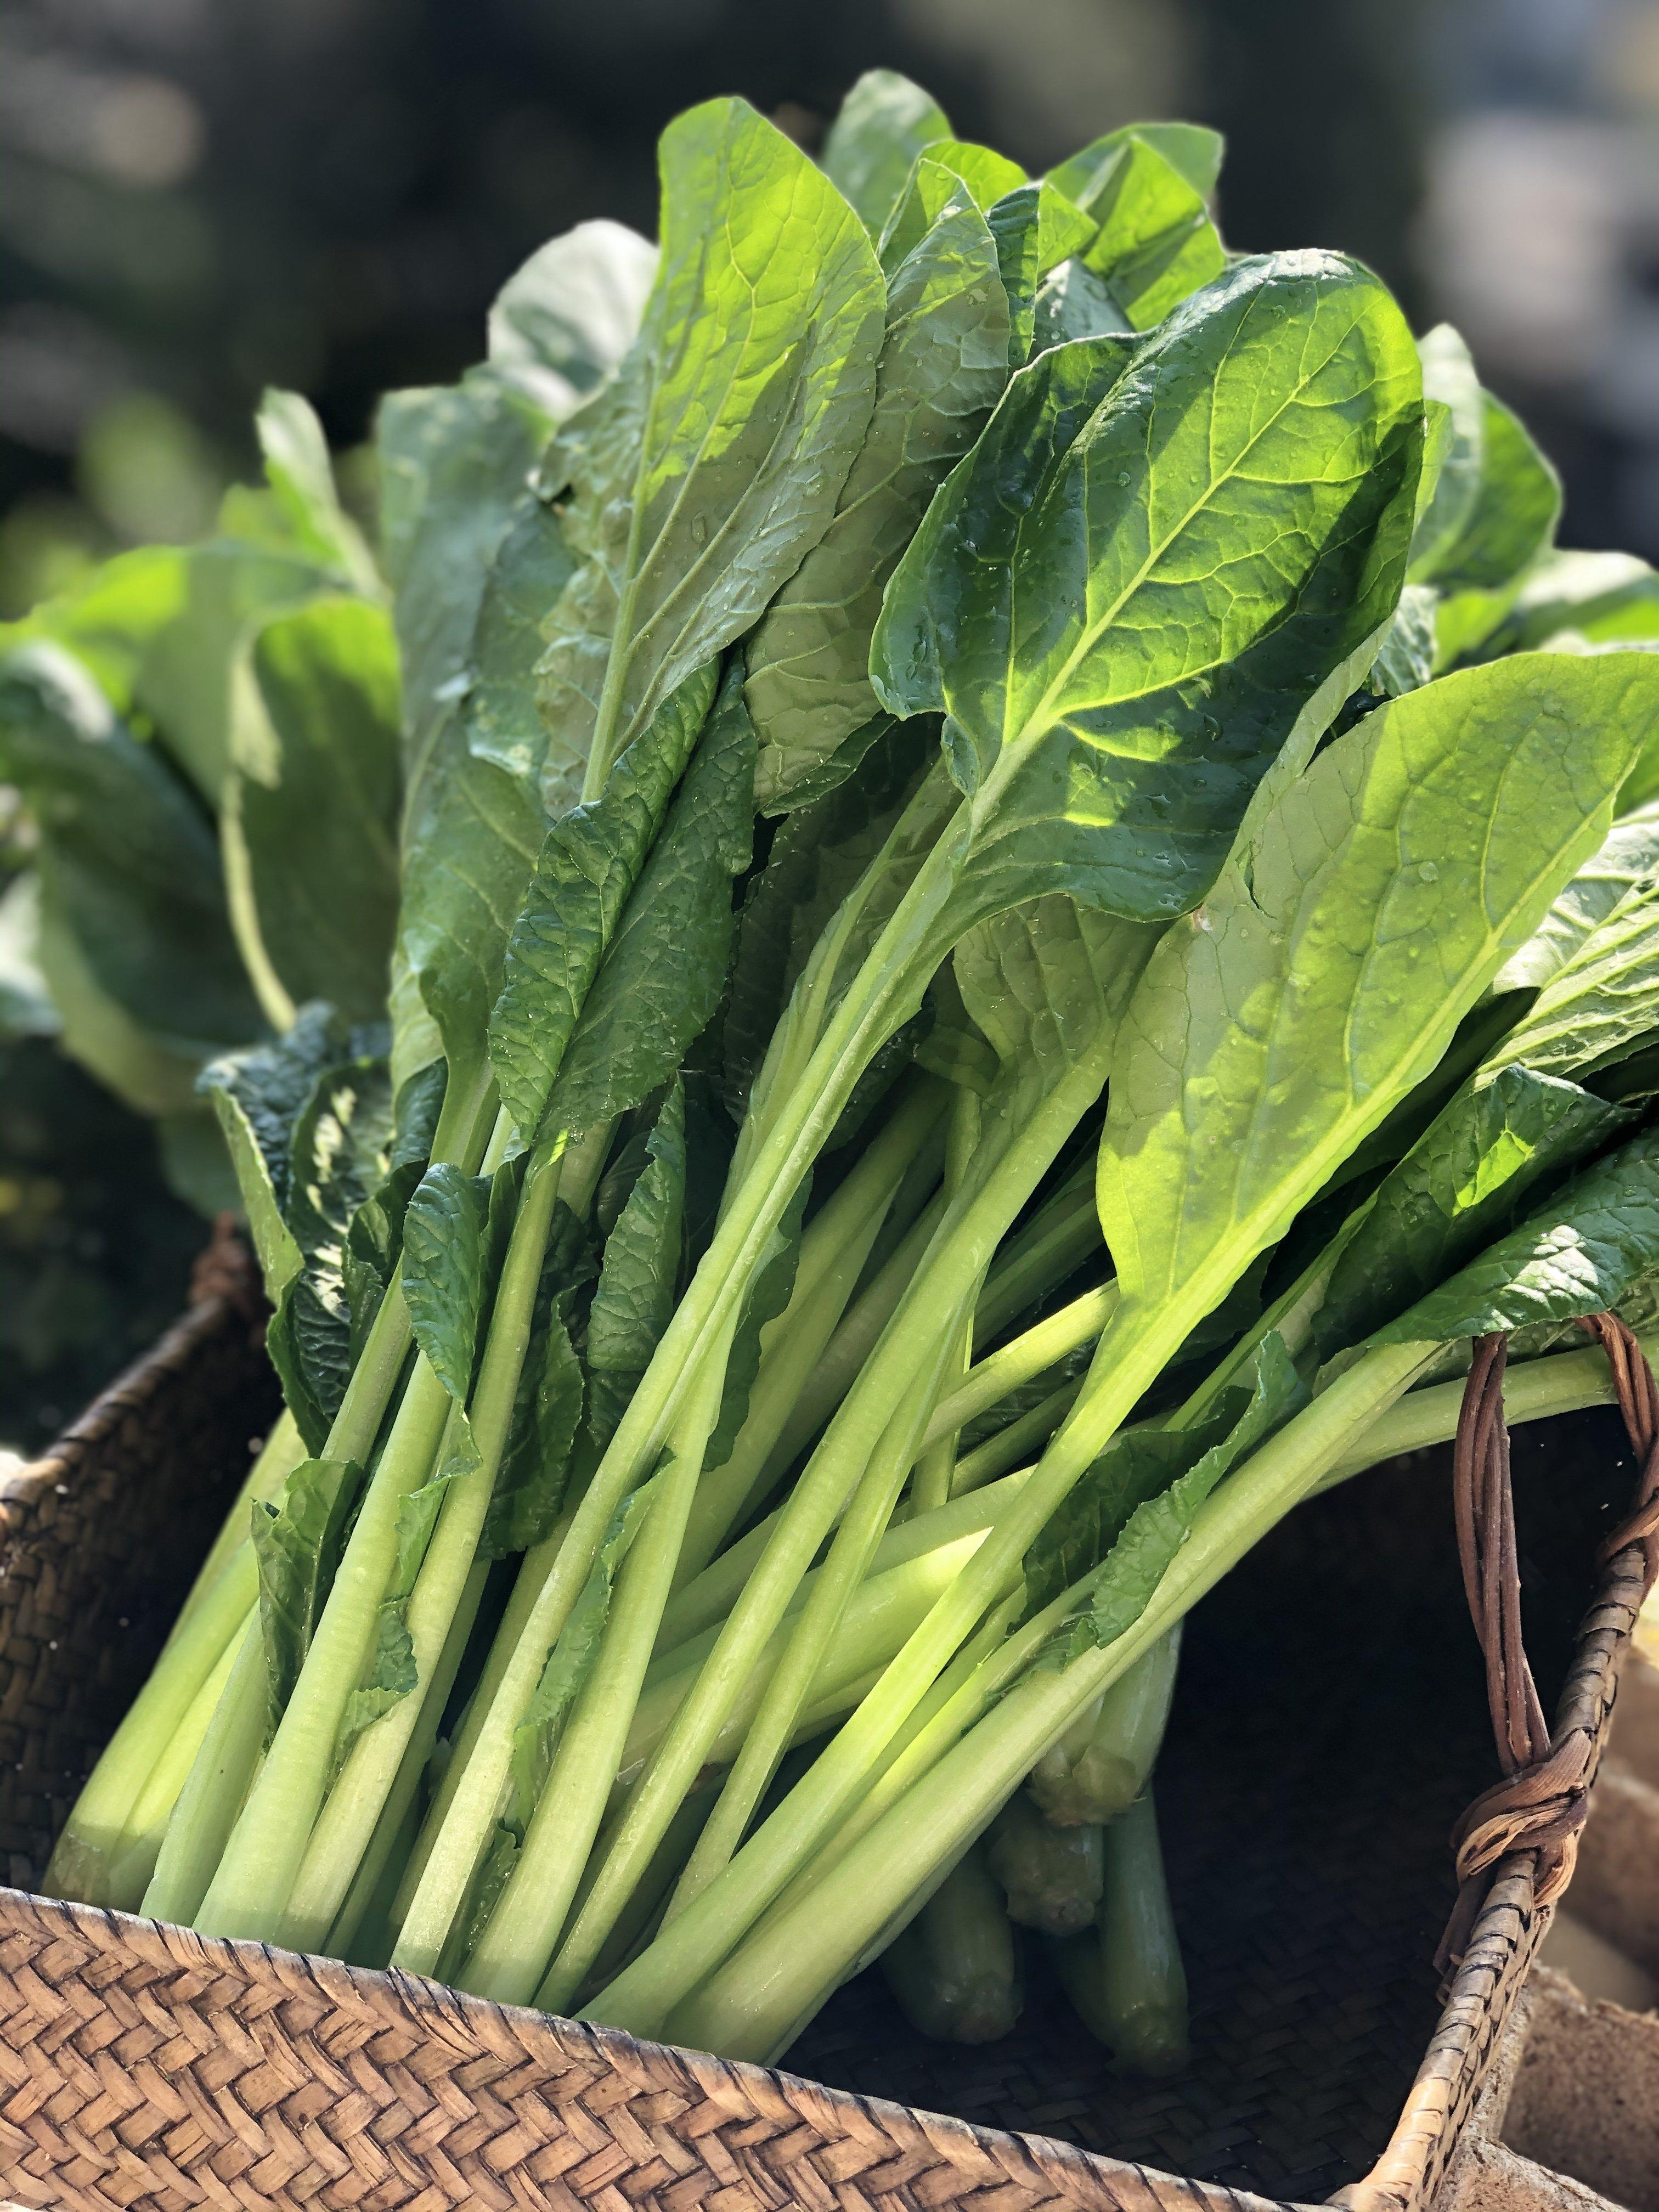 【現地受け渡し/デリバリー専用】朝摘み/小松菜/約1k g[さすてな農園]のイメージその1